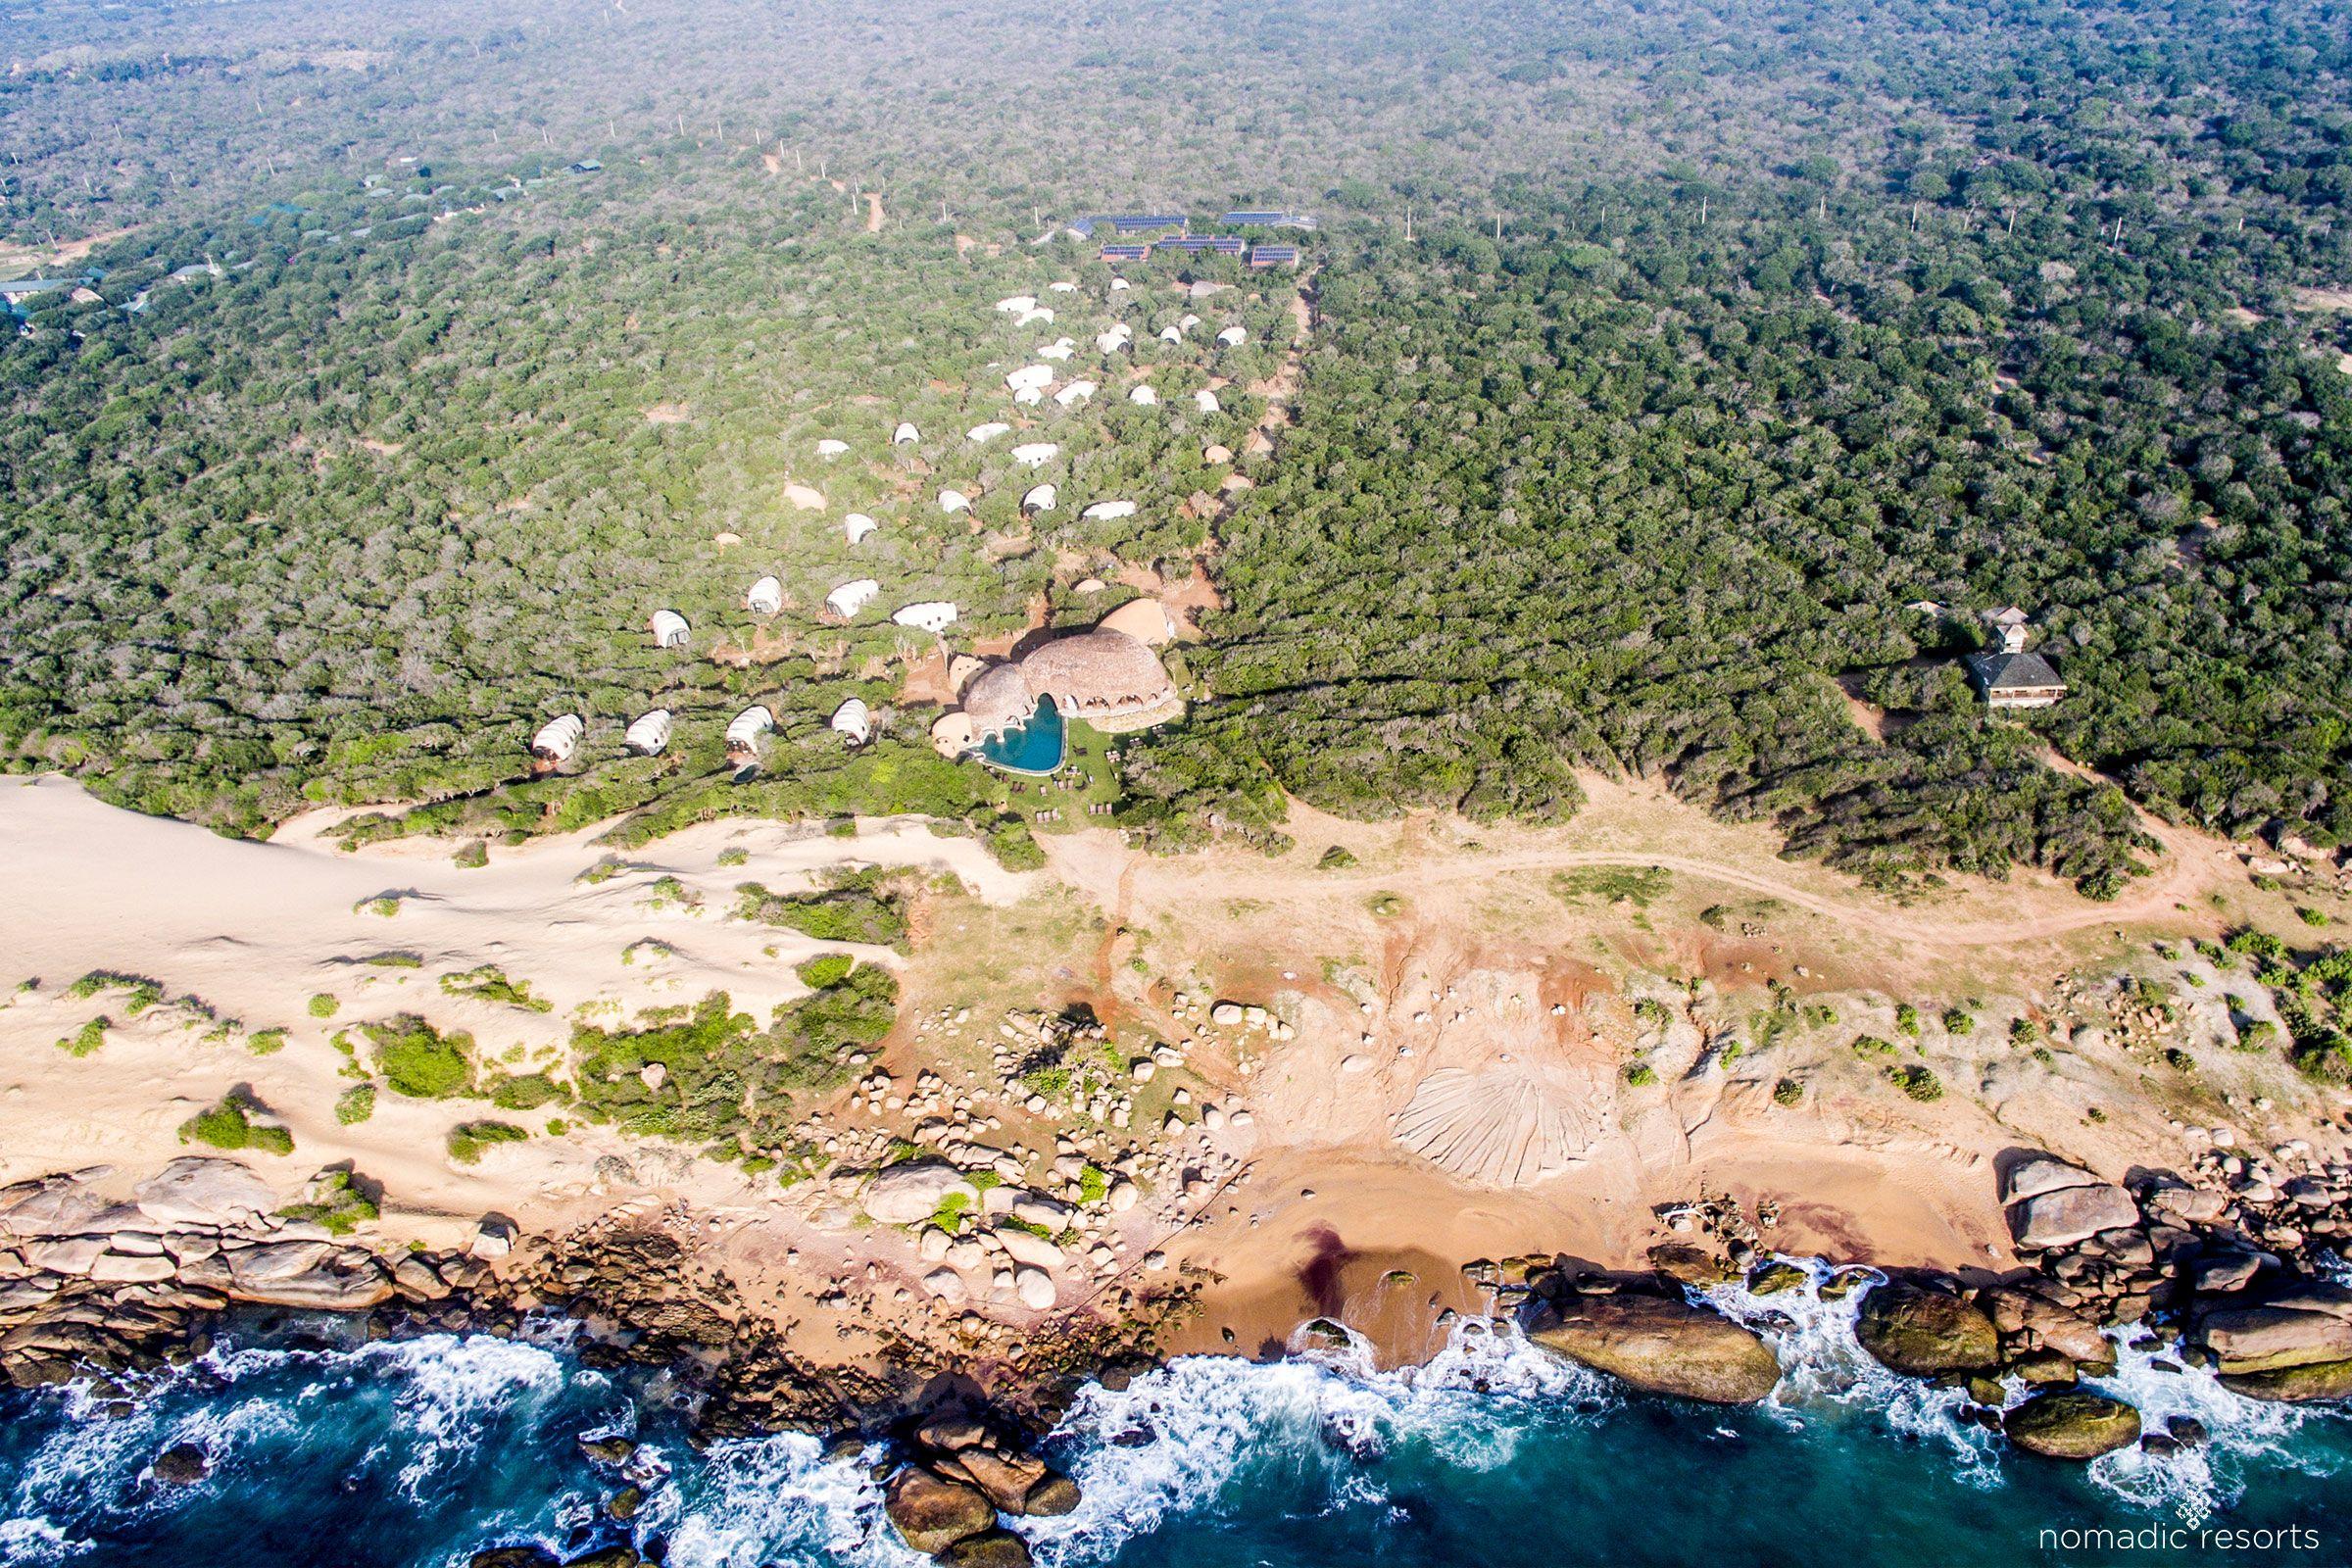 aerial image of wild coast tented lodge, yala national park, sri lanka